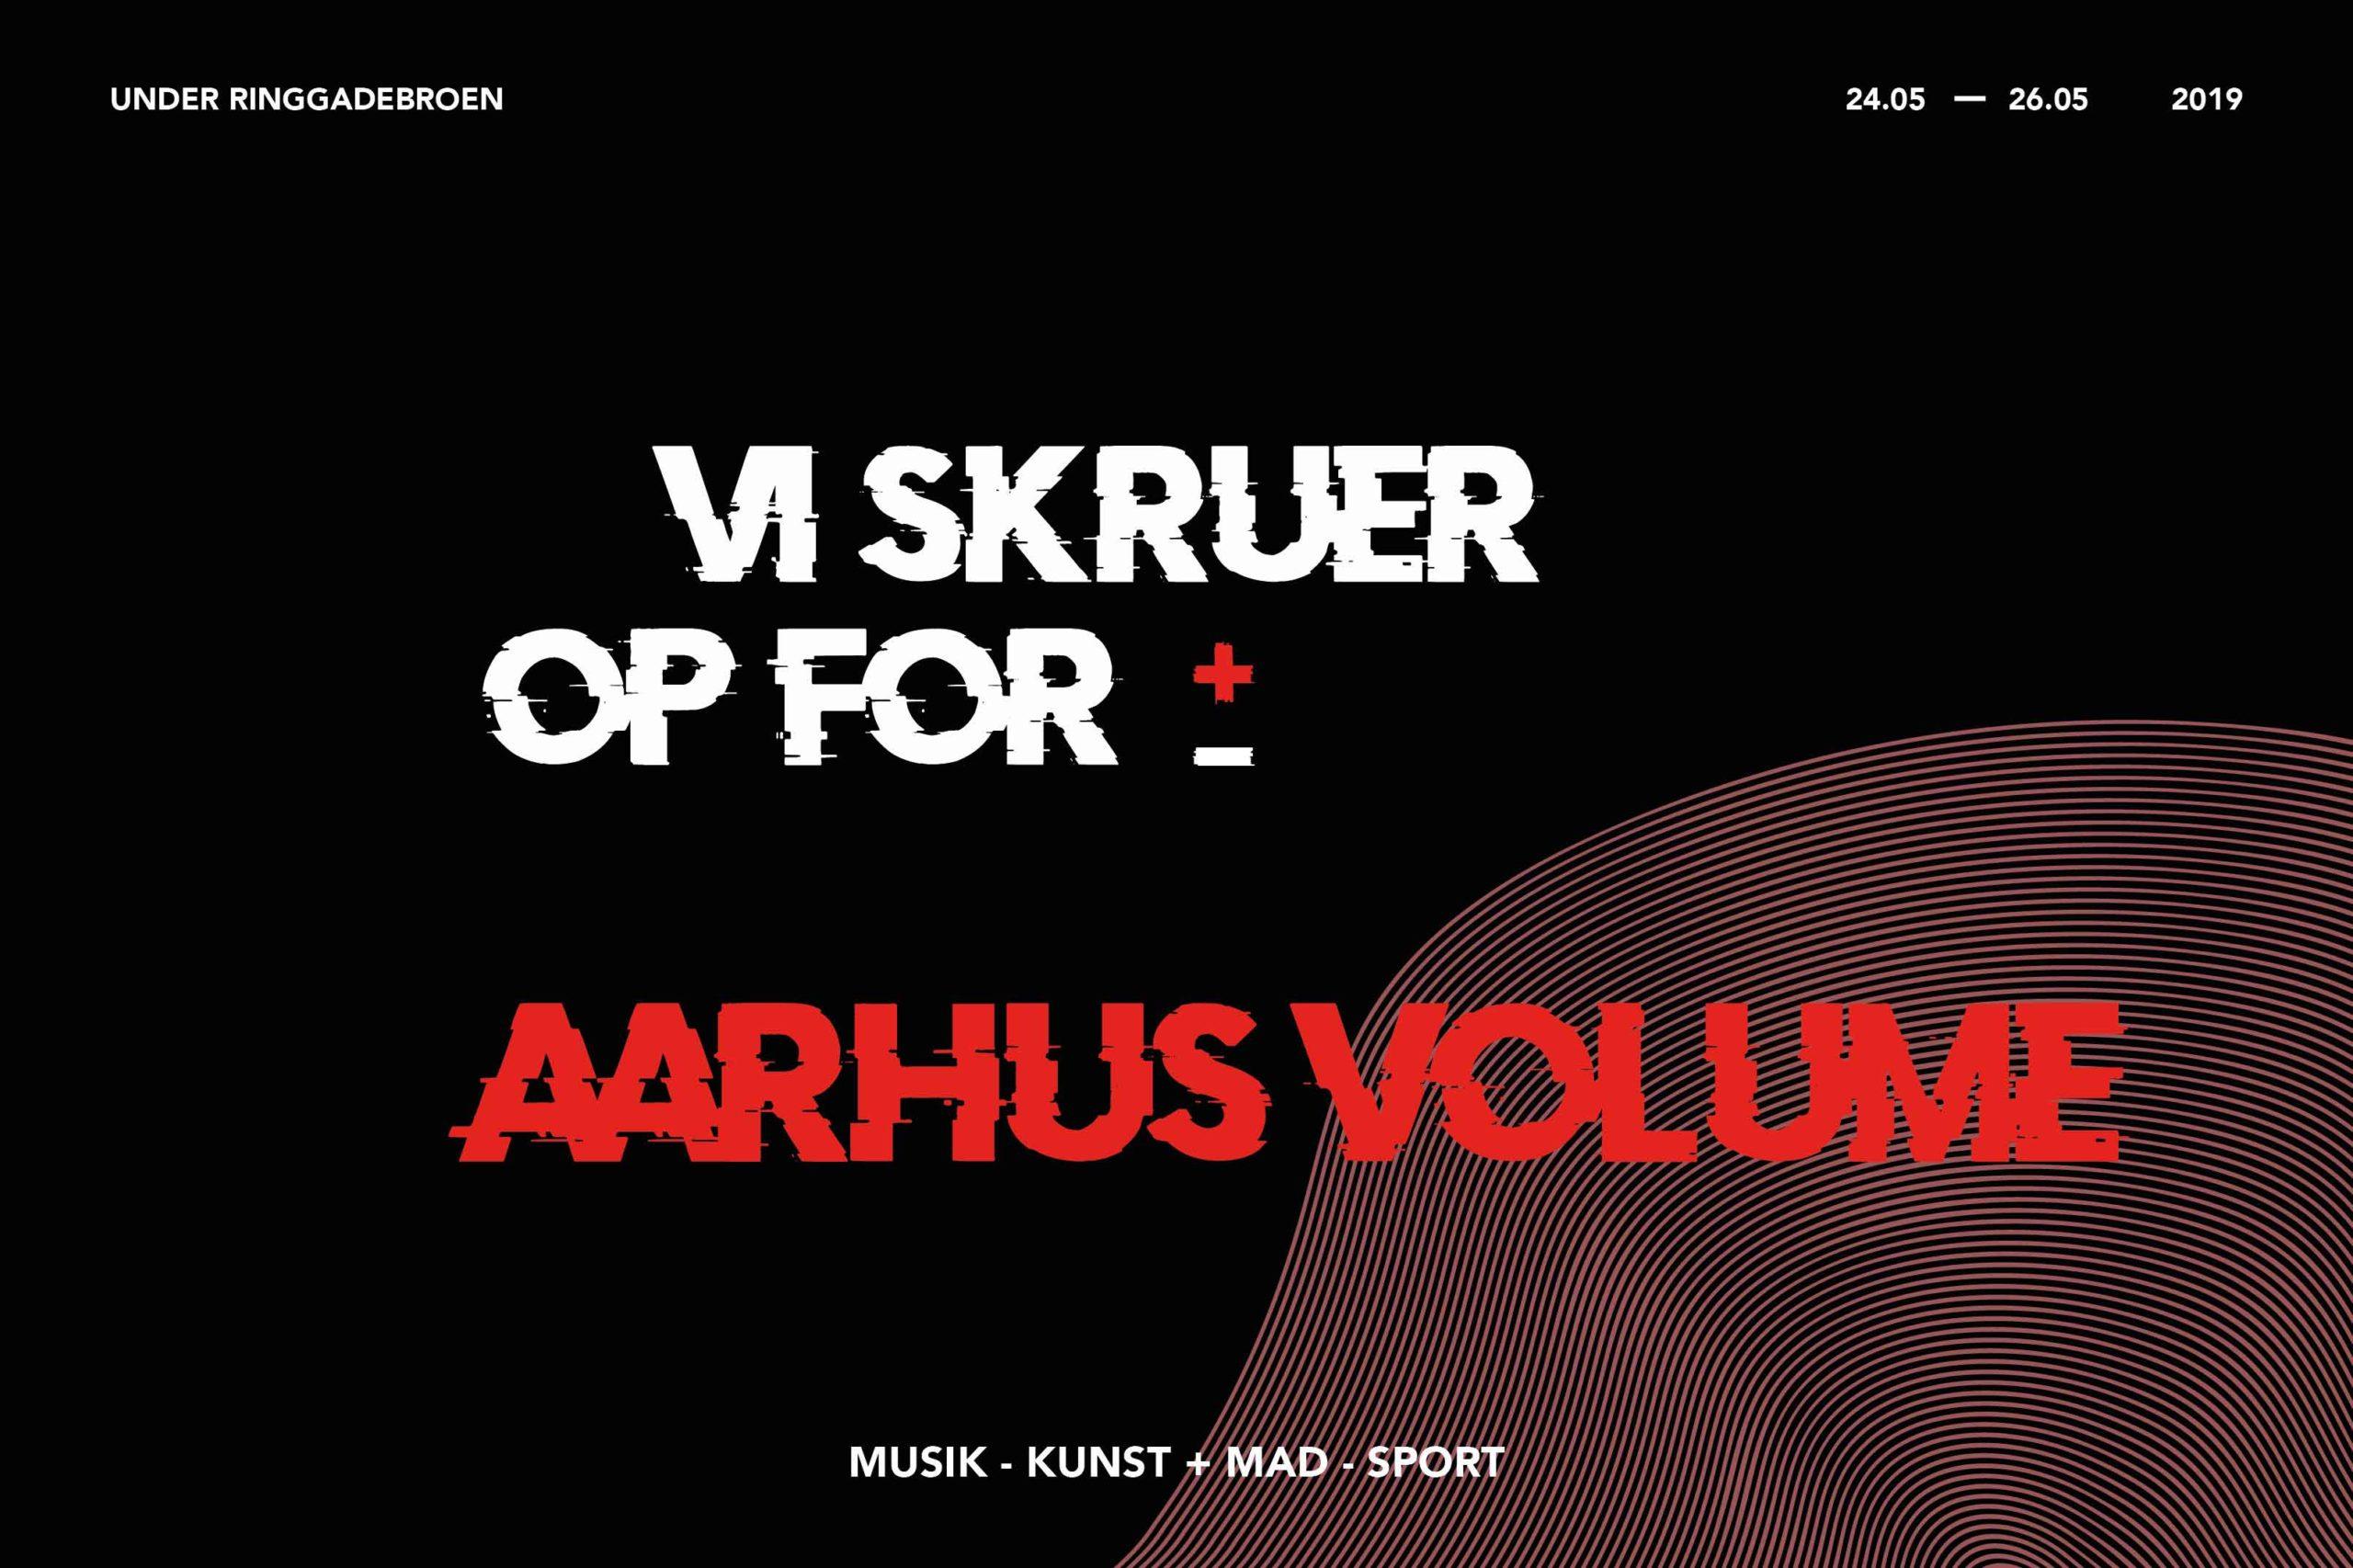 Aarhus_Volume_Cover22